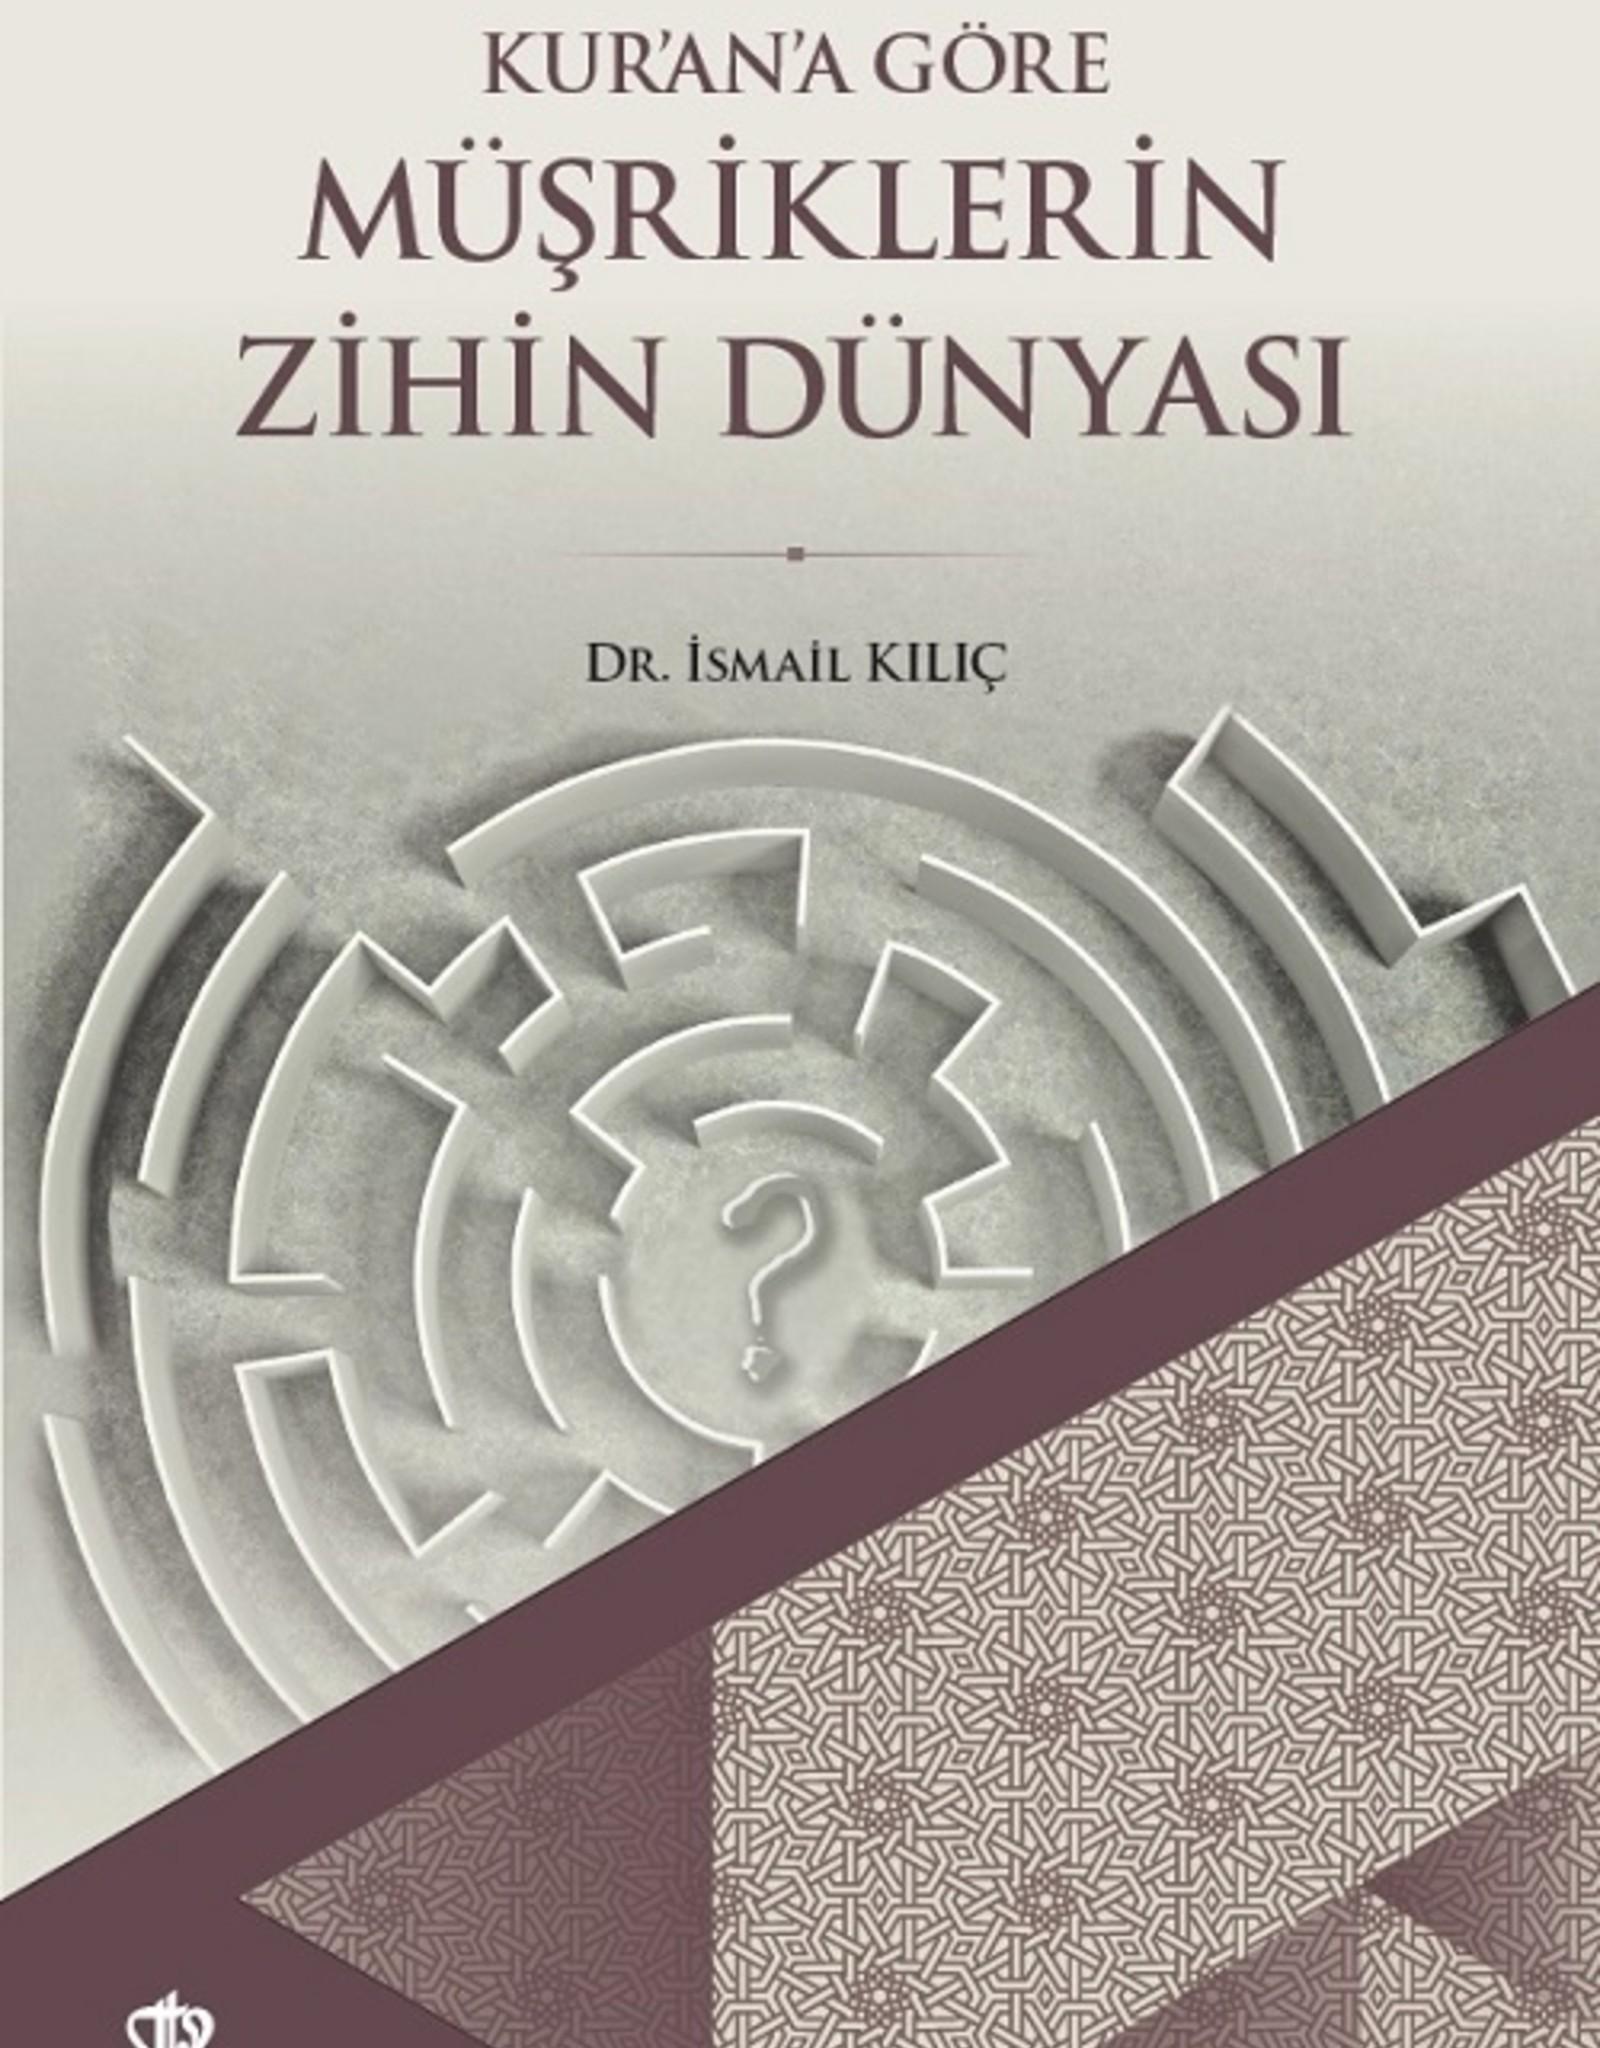 Kur'ana Göre Müşriklerin Zihin Dünyası